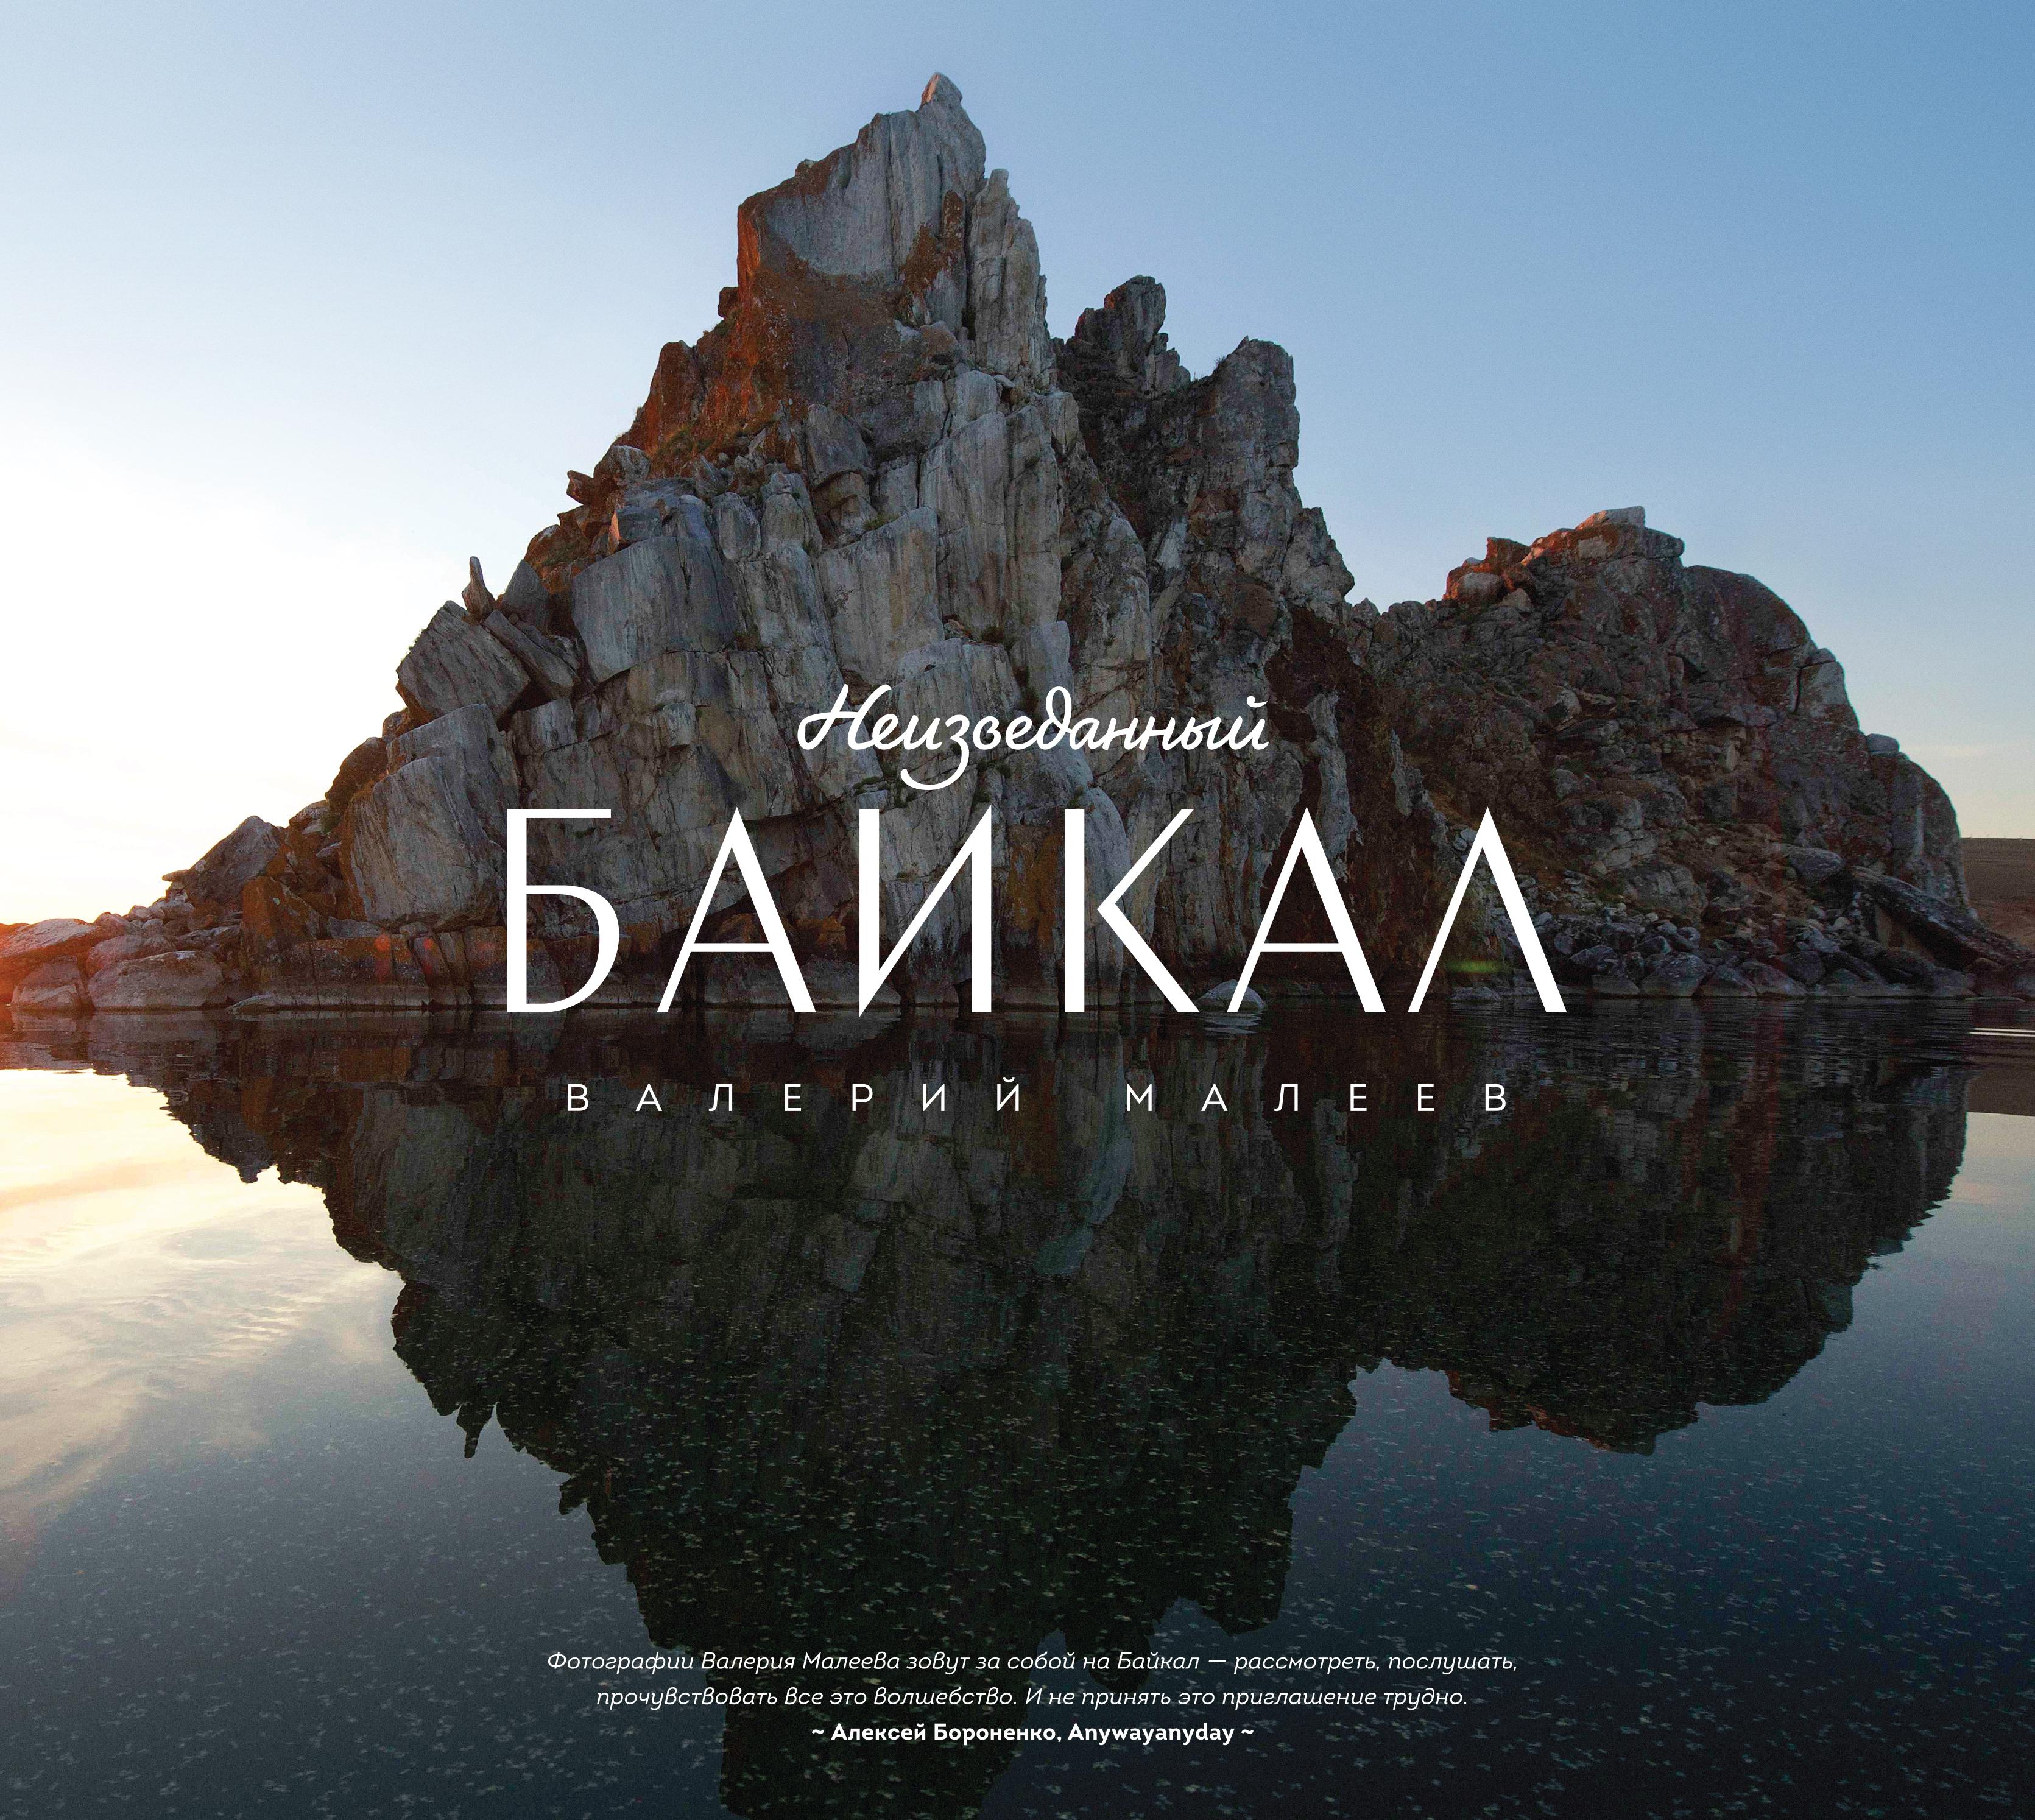 Малеев В. Неизведанный Байкал минеральная вода жемчужина байкала 1 25 негаз пэт жемчужина байкала